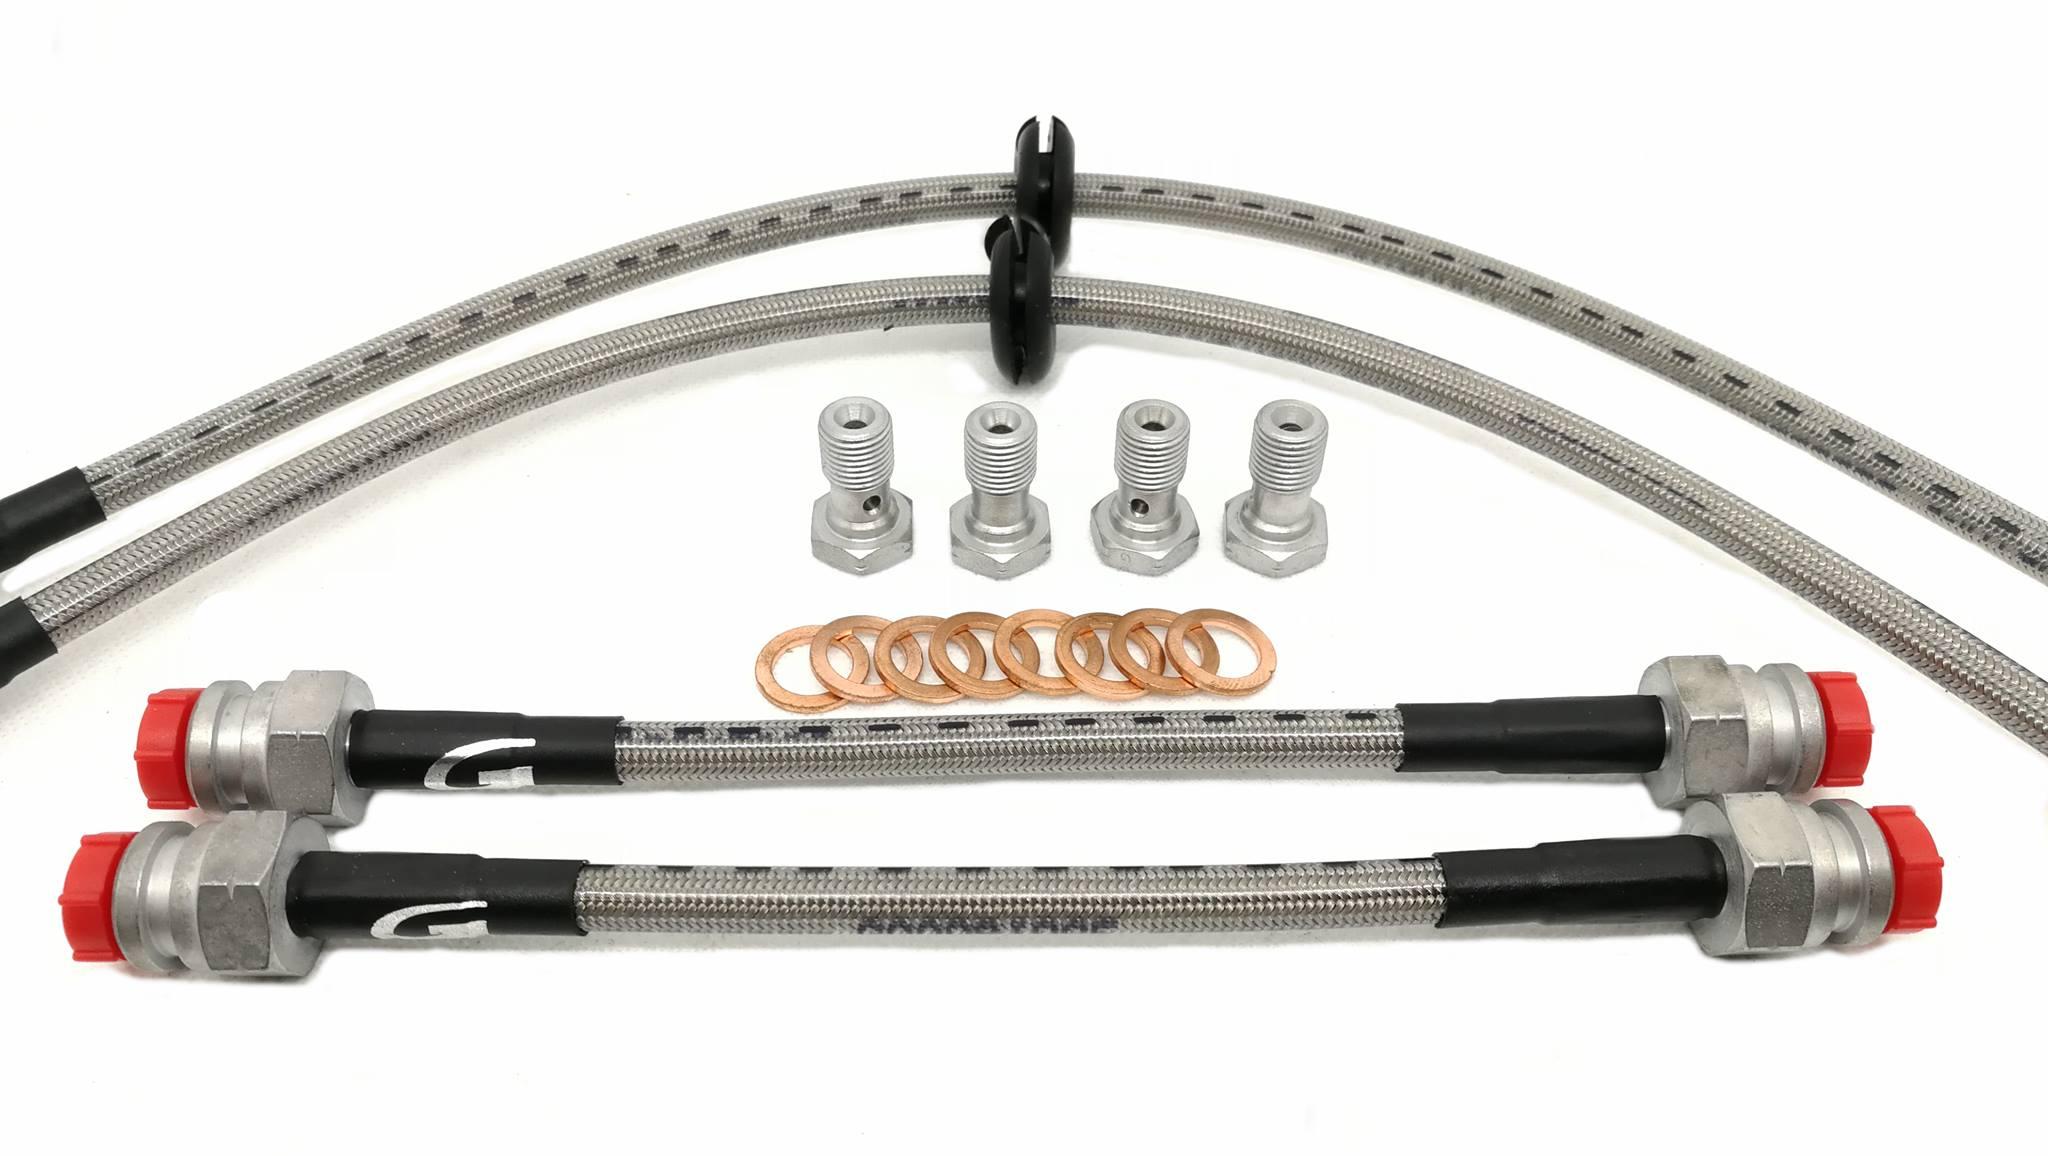 PANNELLO filtro Pipercross TUPX1365 inserire